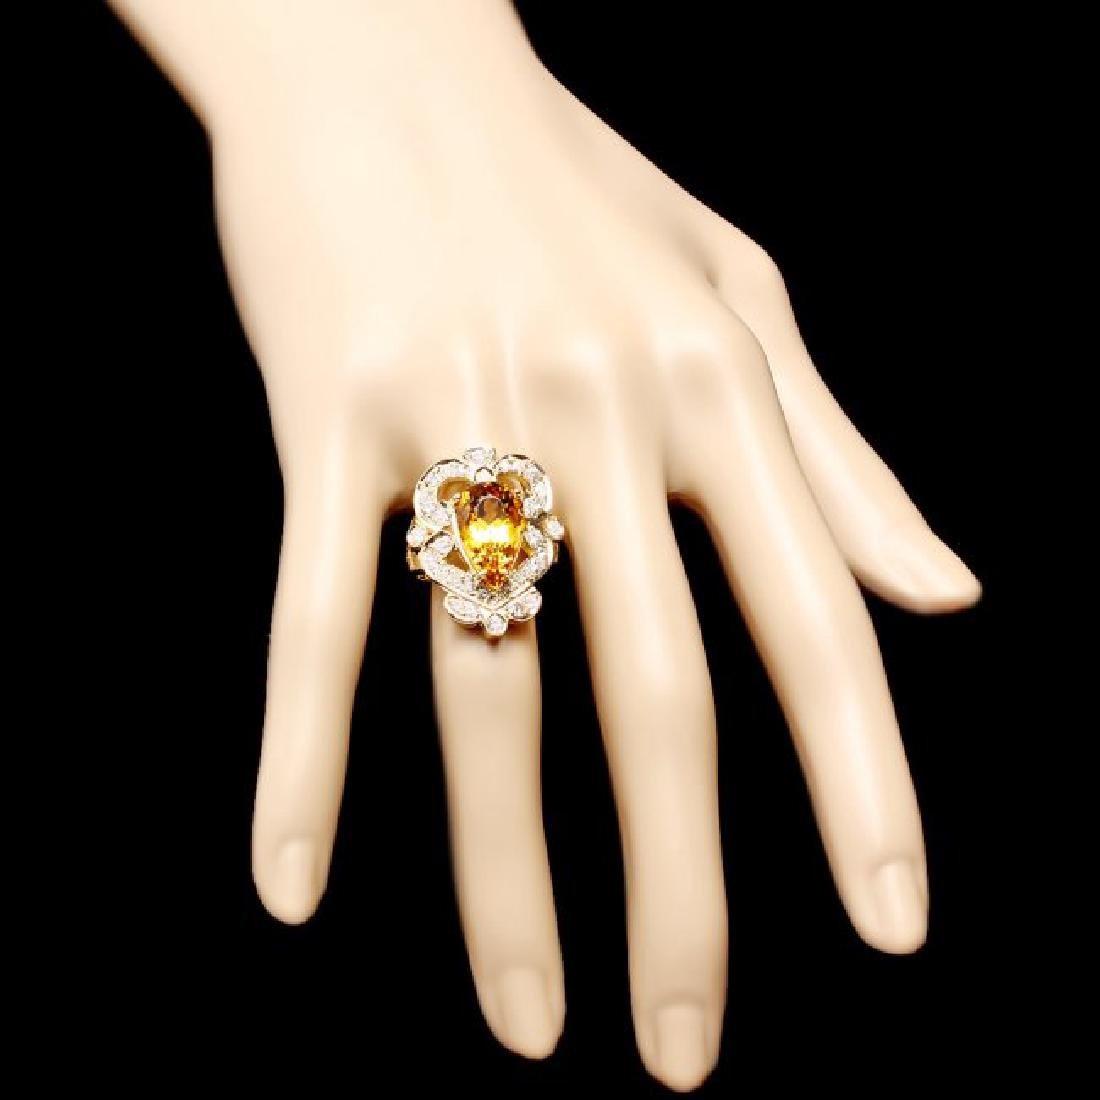 14k Yellow Gold 5.50ct Beryl 1.15ct Diamond Ring - 4